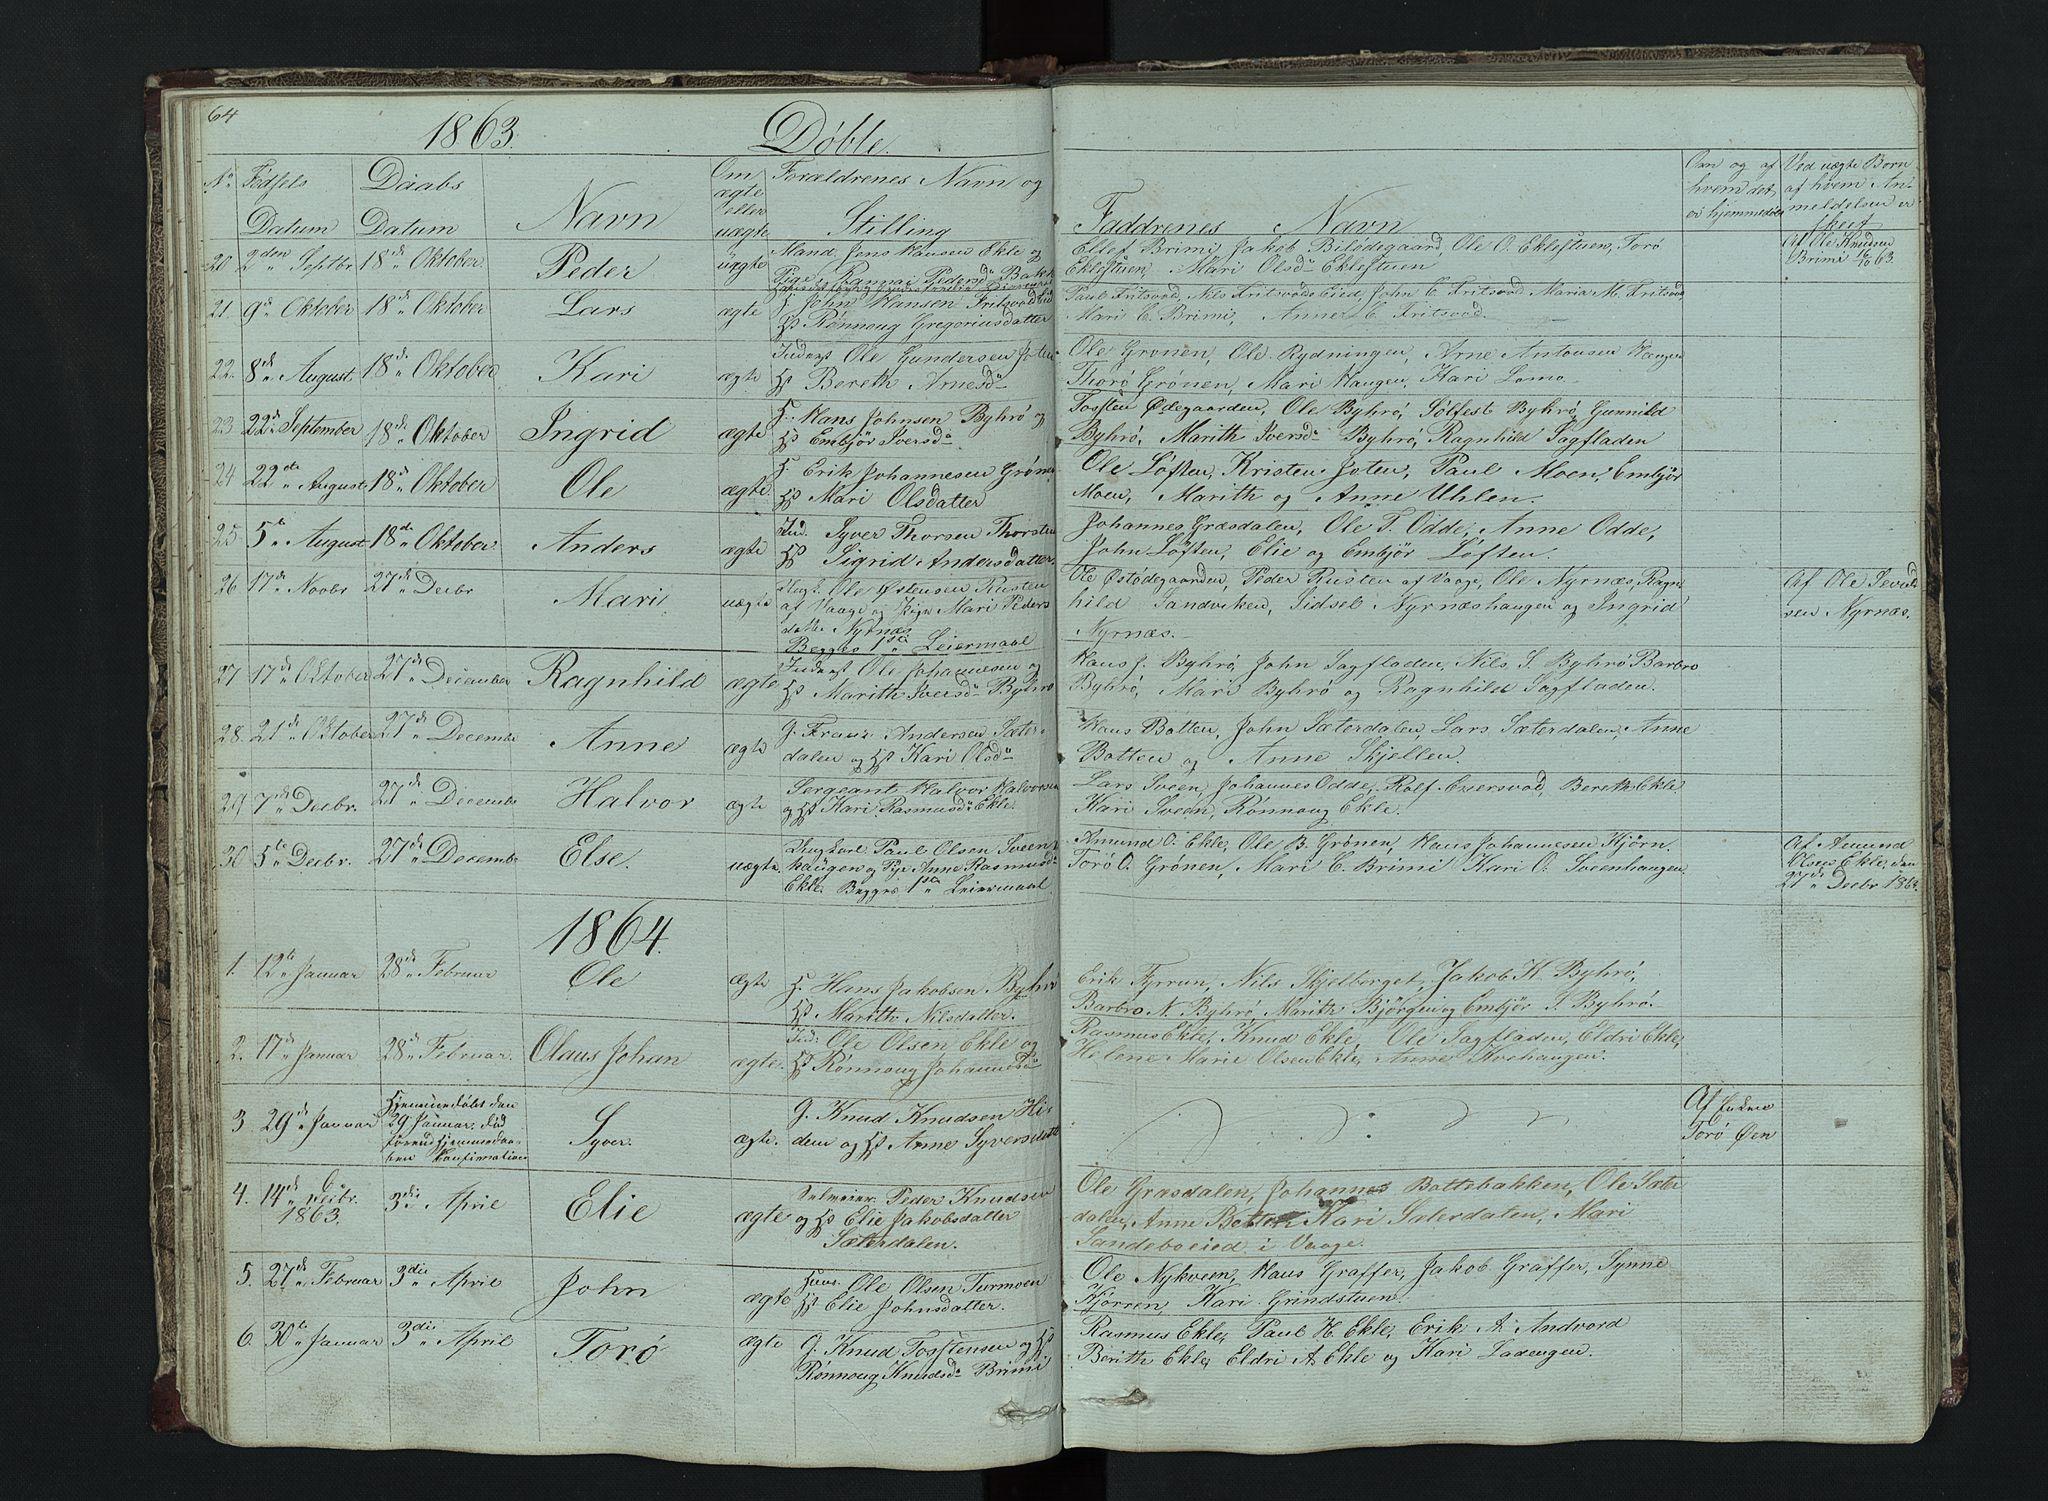 SAH, Lom prestekontor, L/L0014: Klokkerbok nr. 14, 1845-1876, s. 64-65